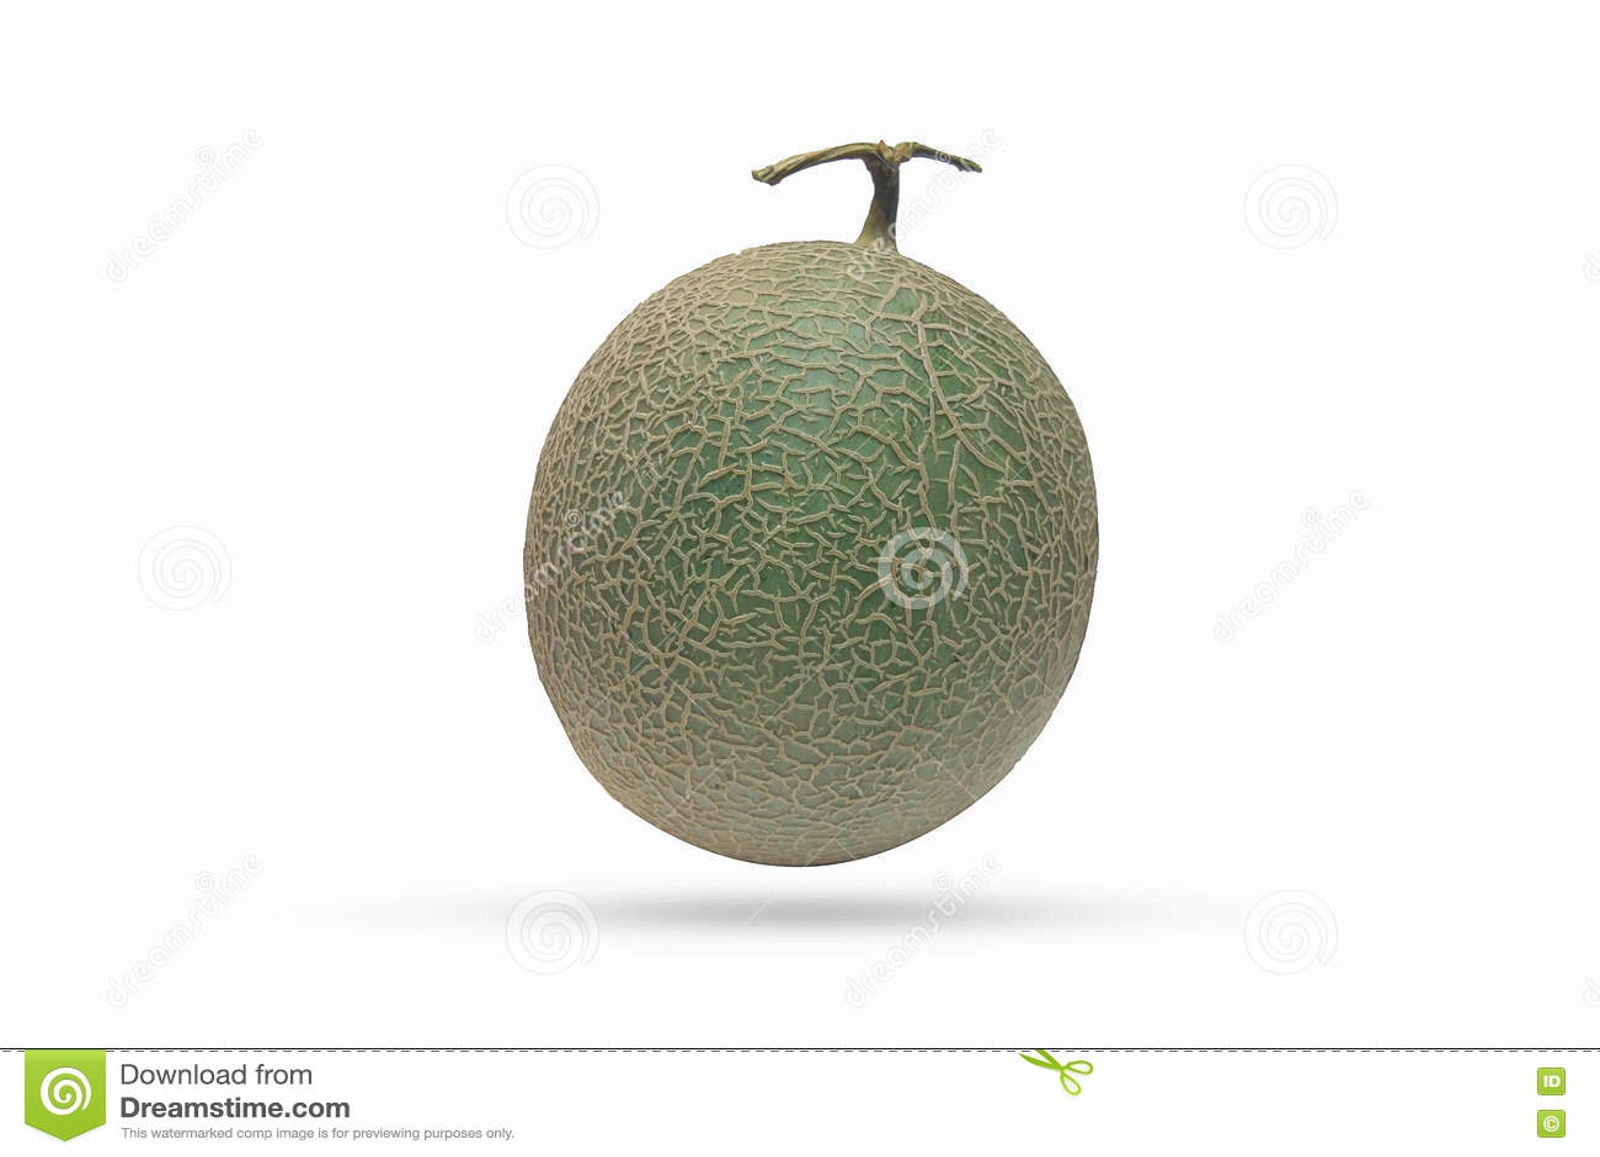 Download Плодоовощ дыни изолированный на белой предпосылке Стоковое Фото - изображение насчитывающей конструкция, художничества: 72278846